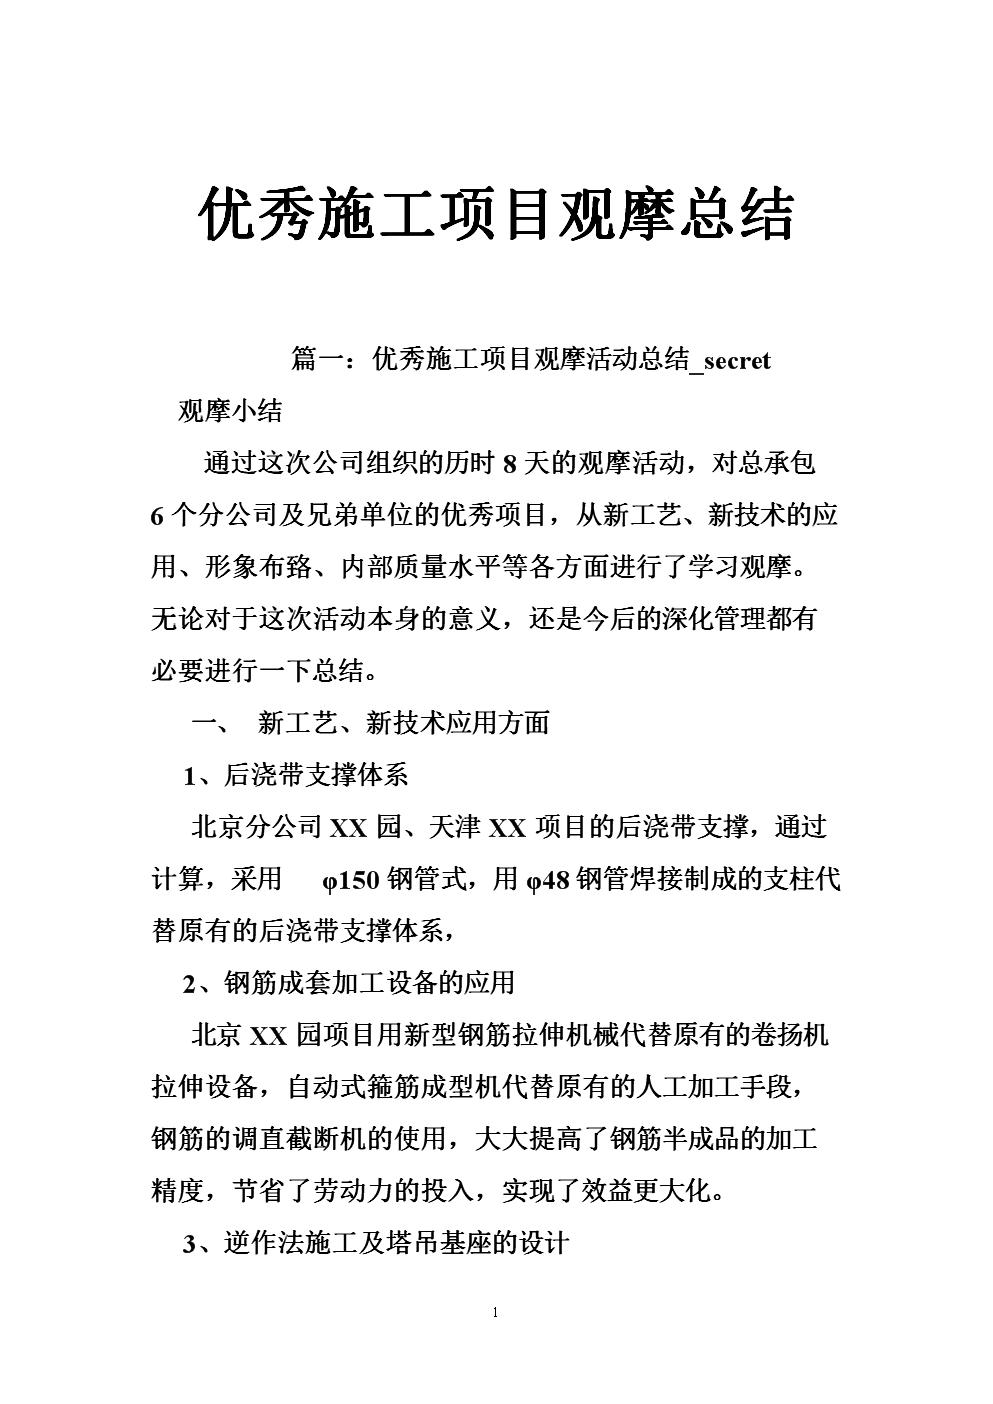 优秀施工项目观摩总结.doc